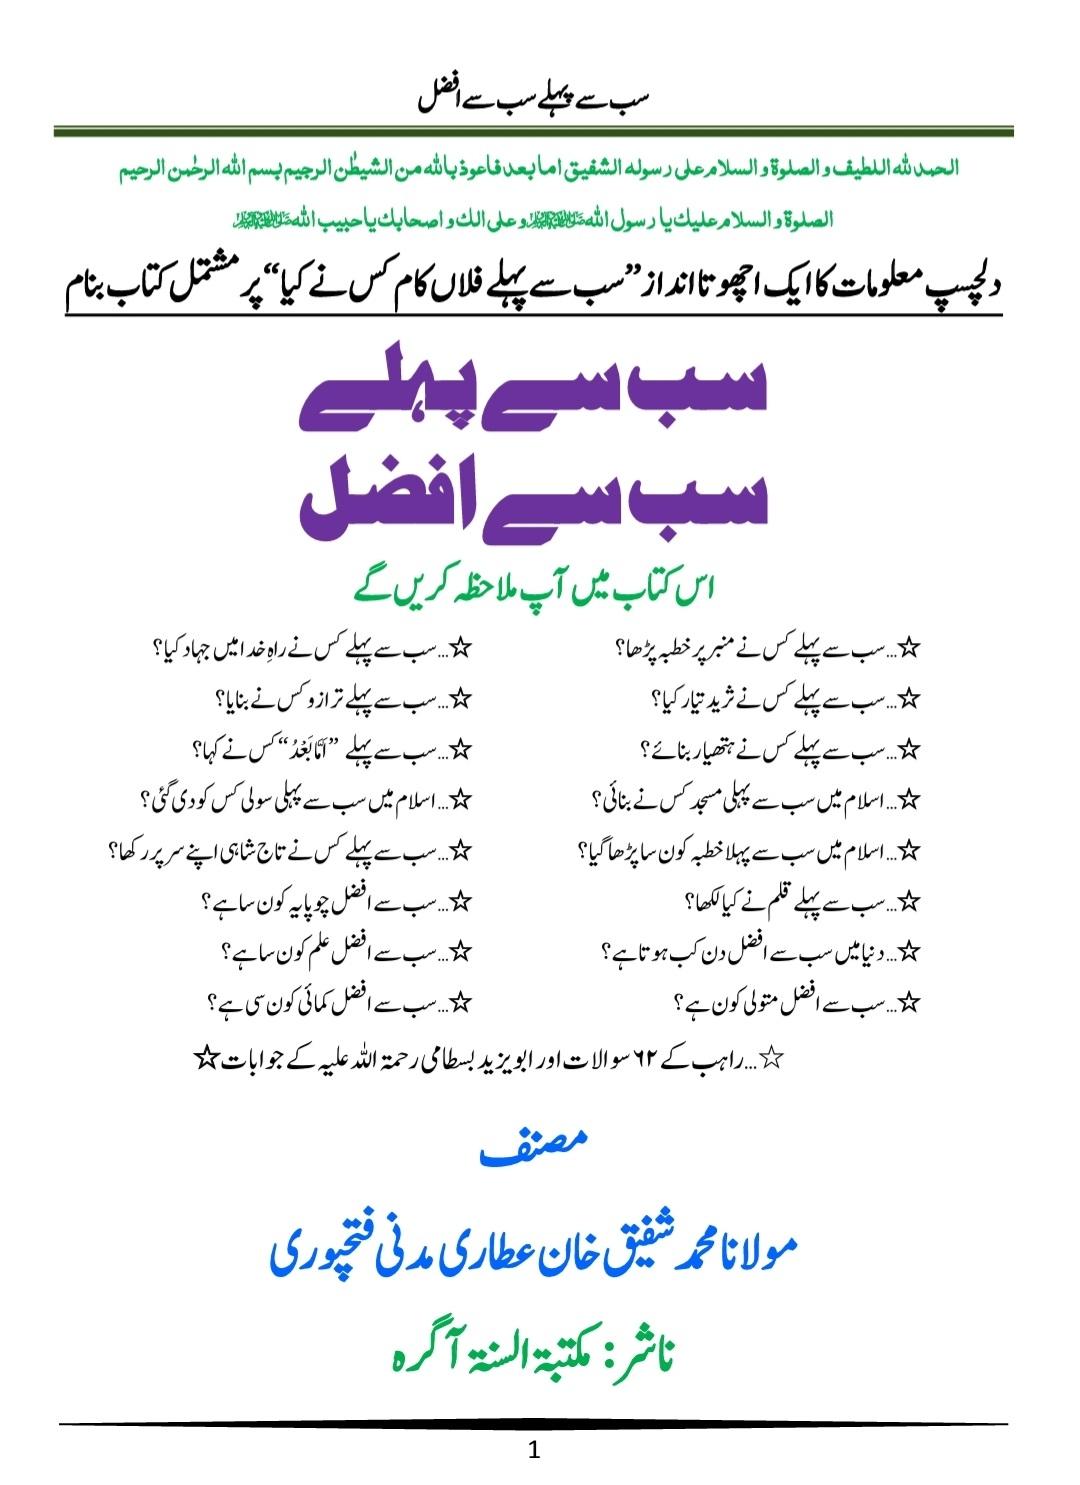 Sab Sy Pehly Sab Sy Afzal / سب سے پہلے سب سے افضلby مولانا محمد شفیق خان عطاری مدنی فتحپوری